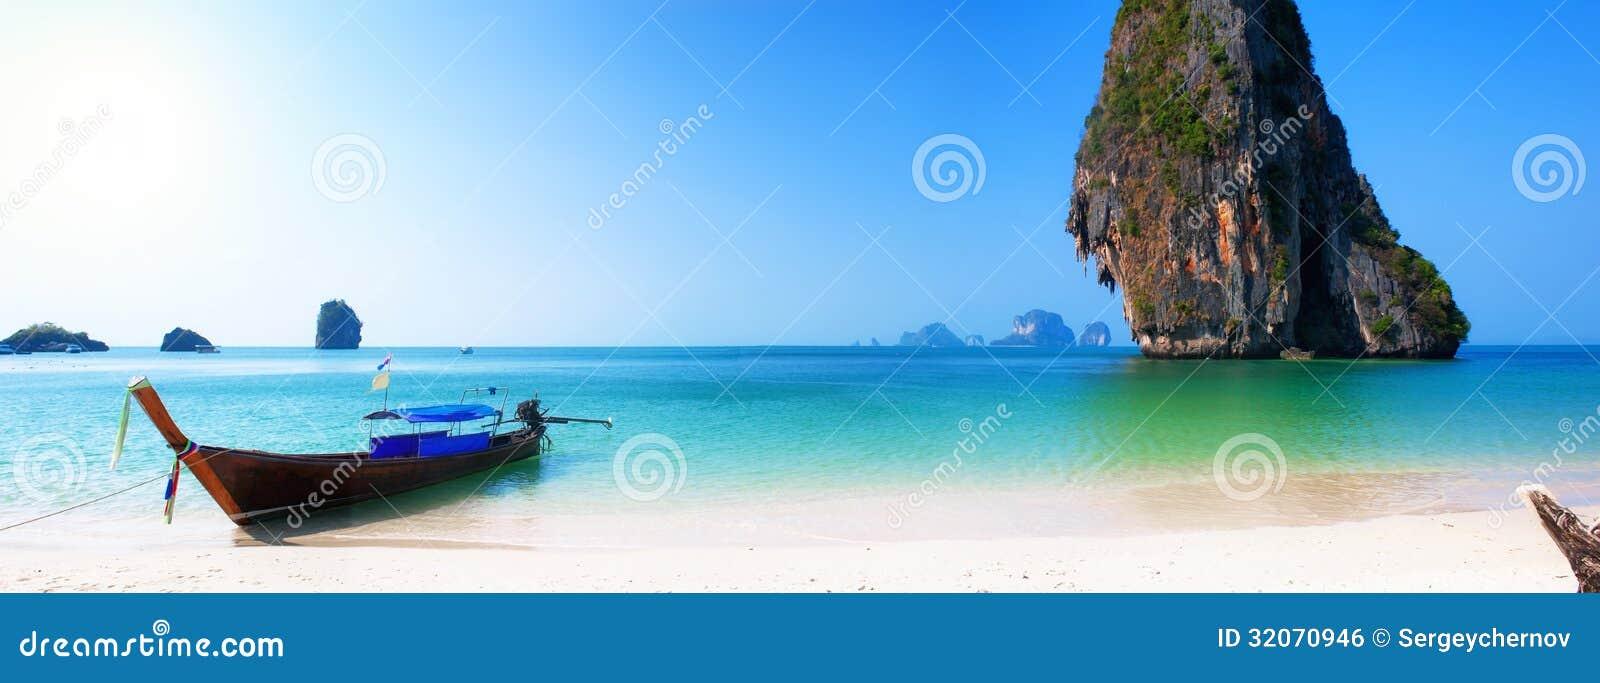 Reiseboot auf Thailand-Inselstrand. Tropisches Küste Asien-landsc